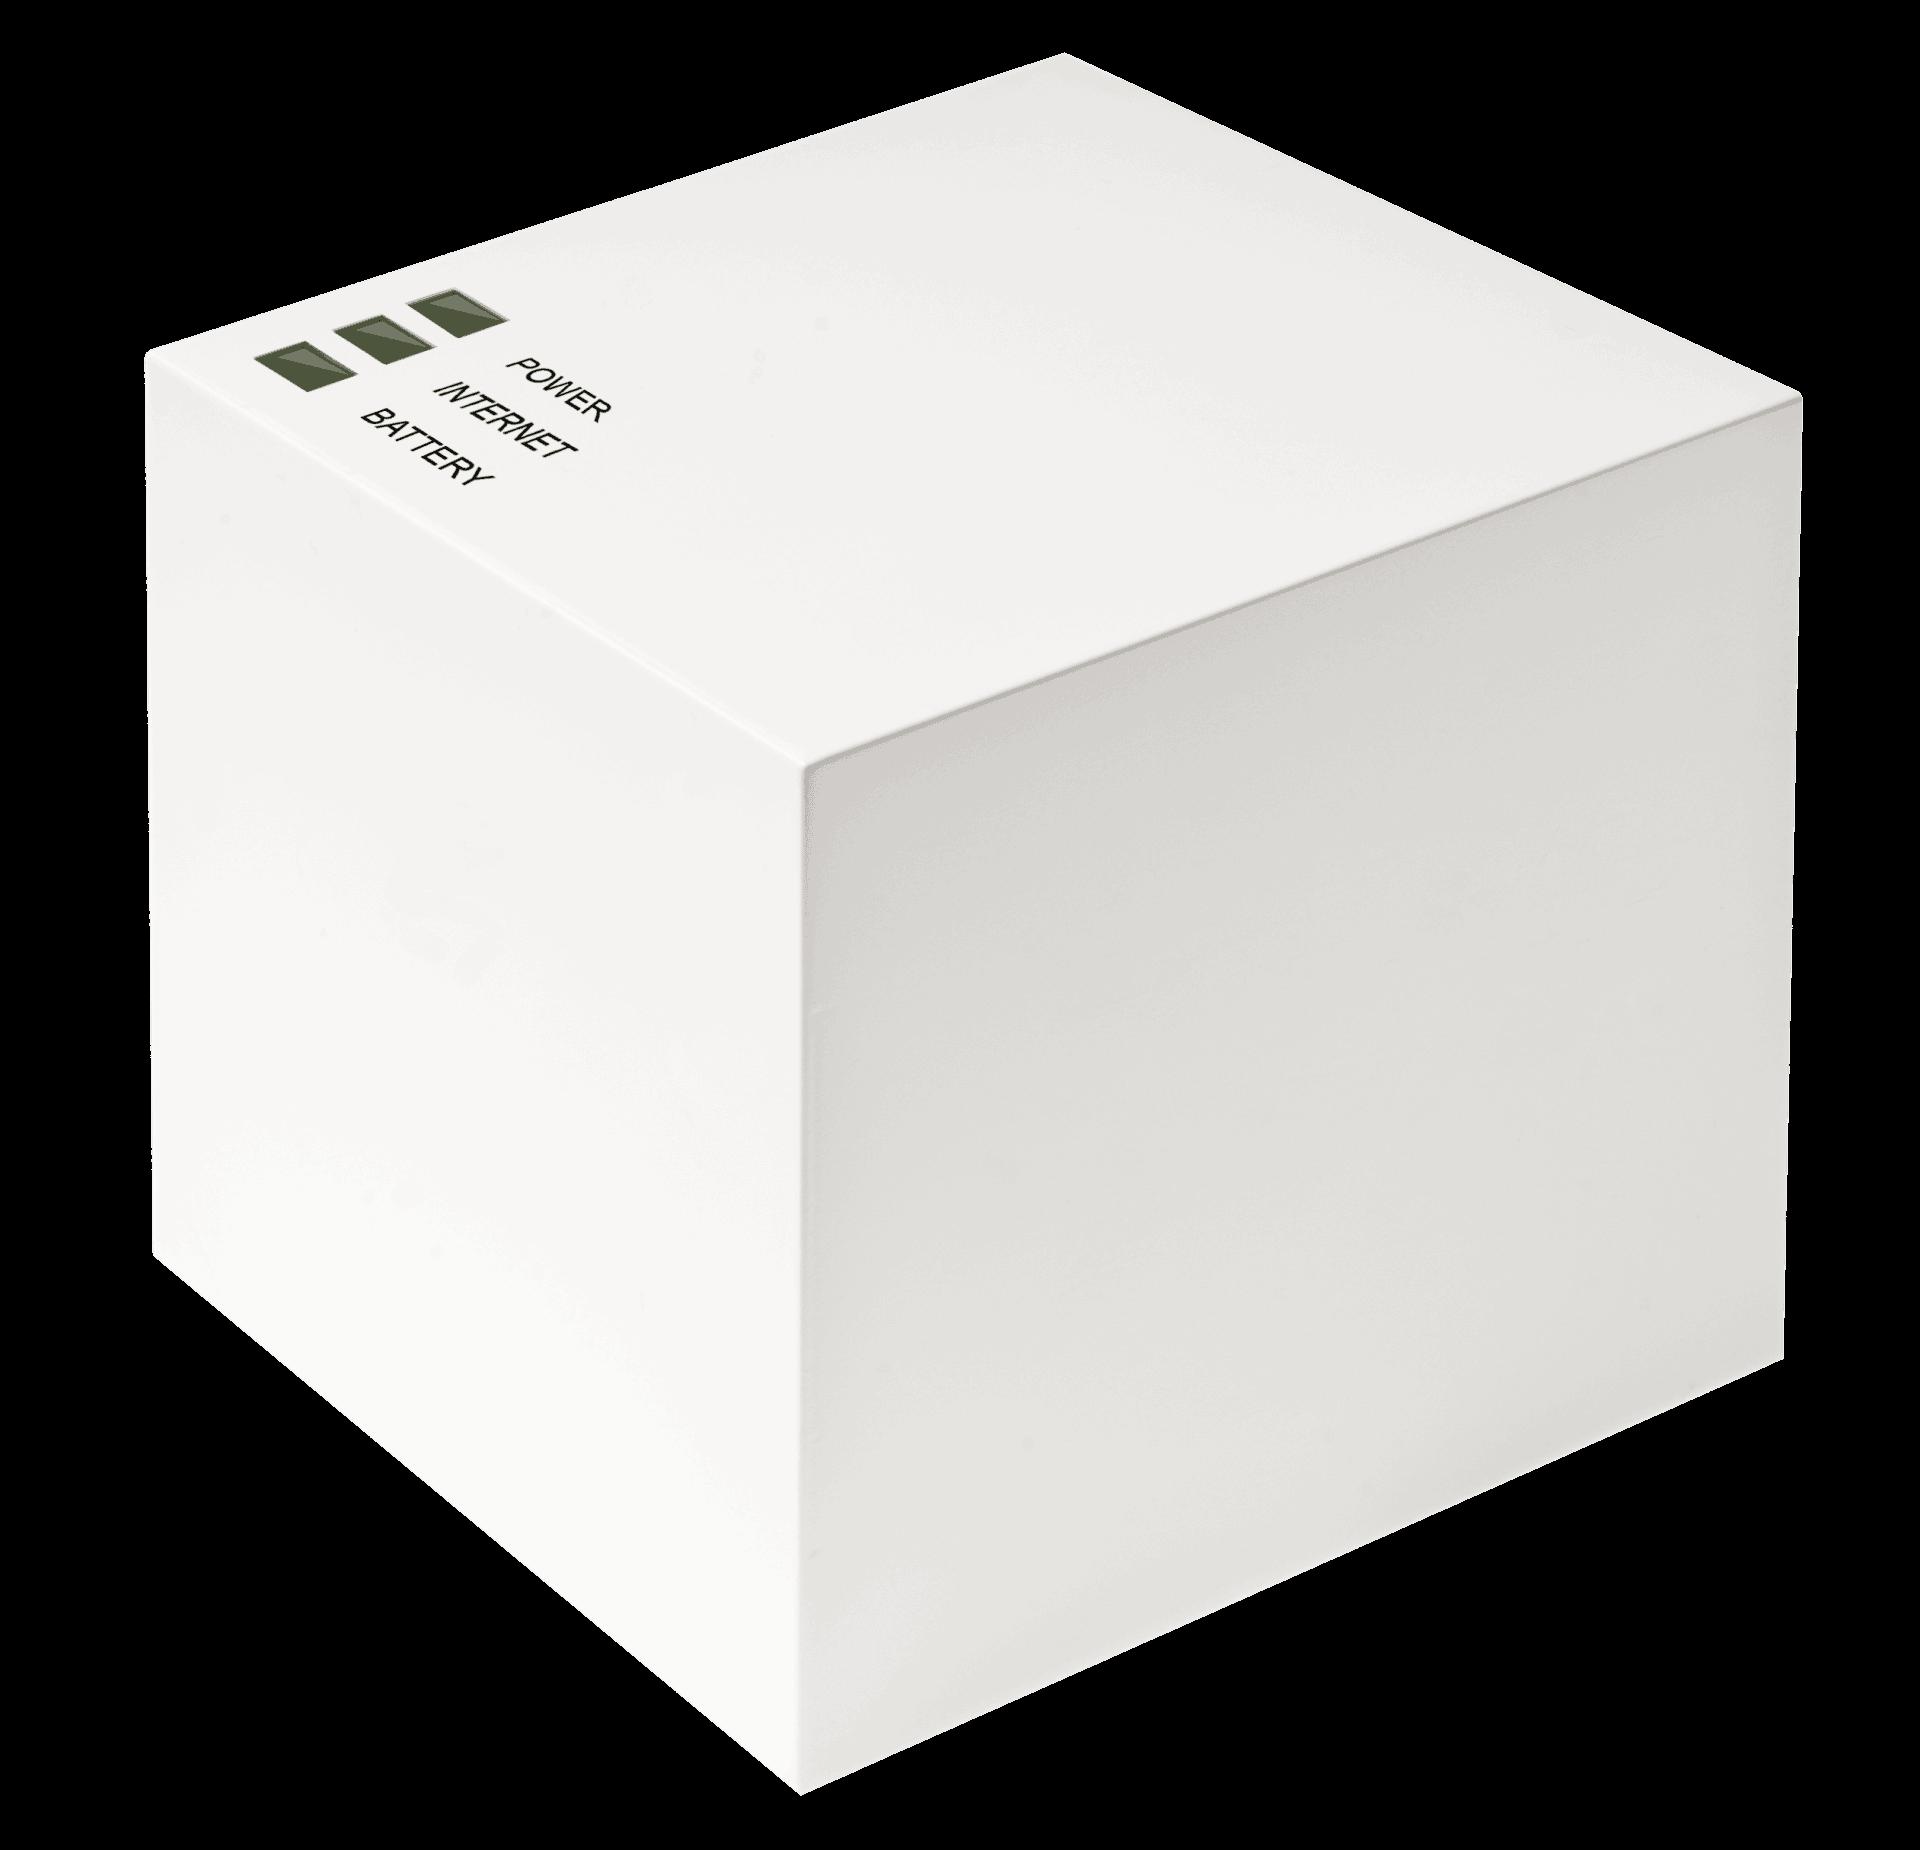 MAX! Cube Lan на локална мрежа, Централата на системата